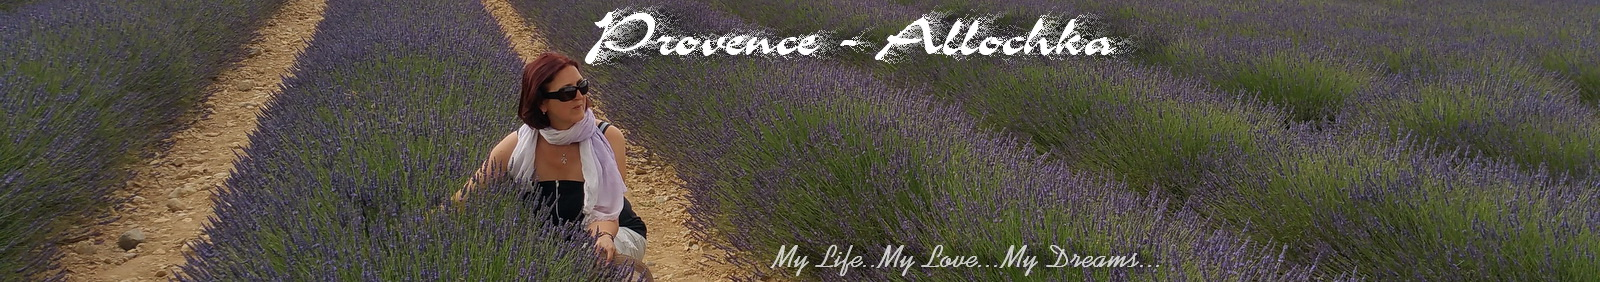 Provence - Allochka.